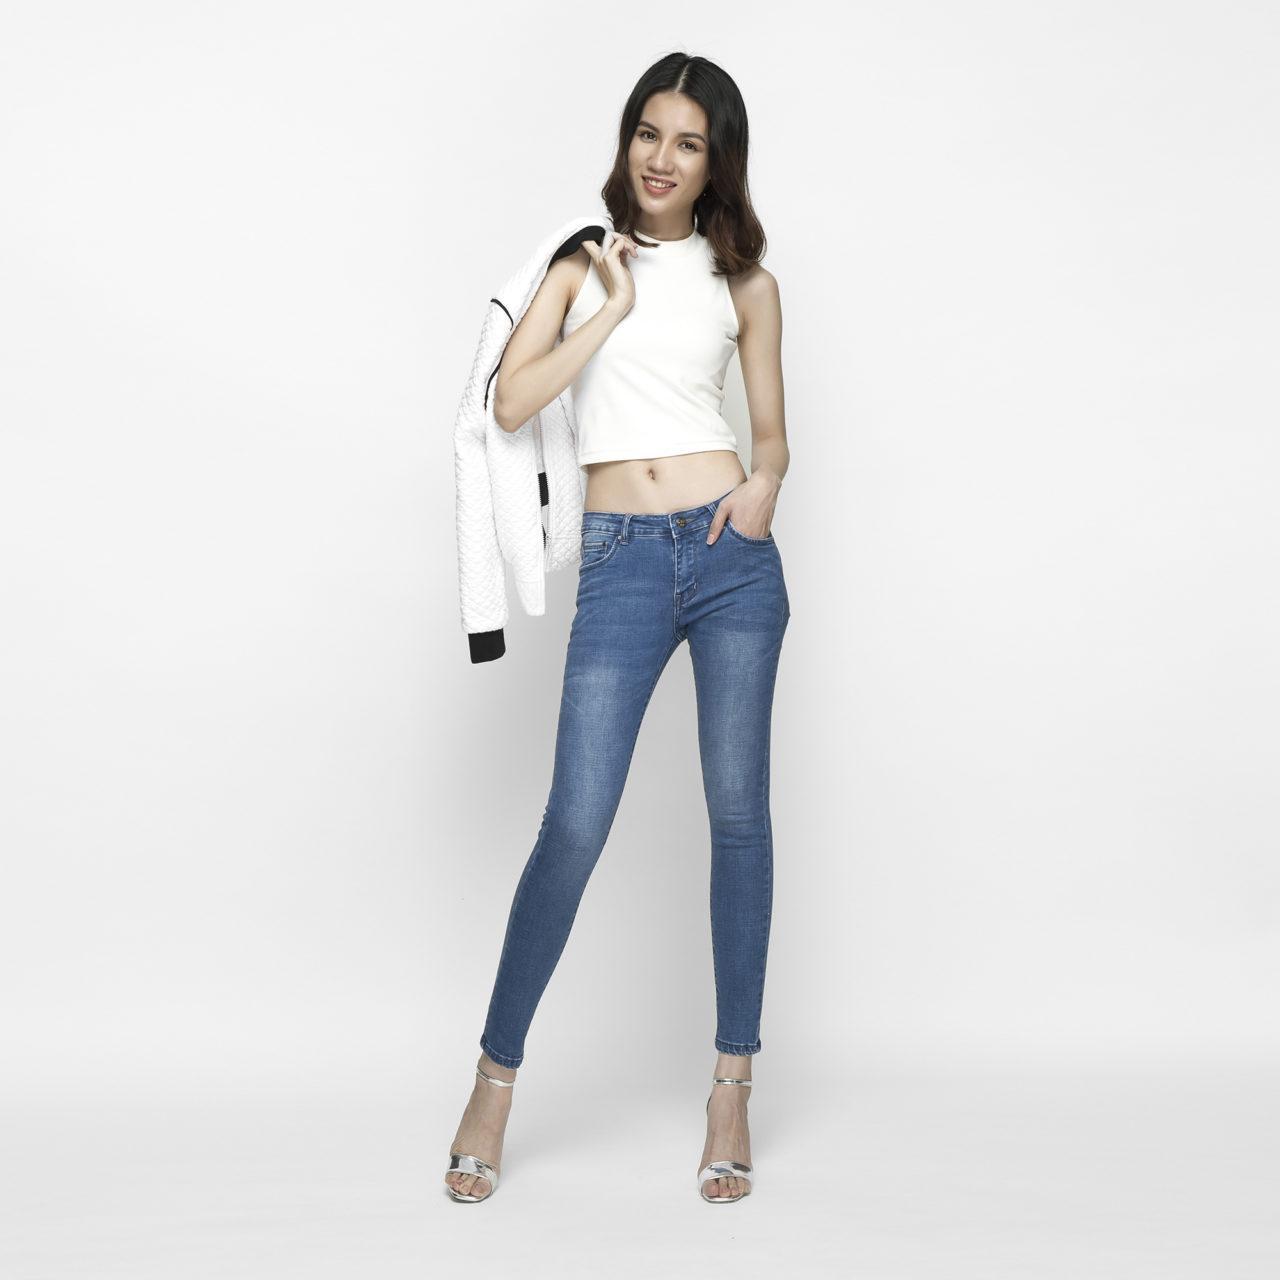 Quần jeans nữ skinny xanh biển 6